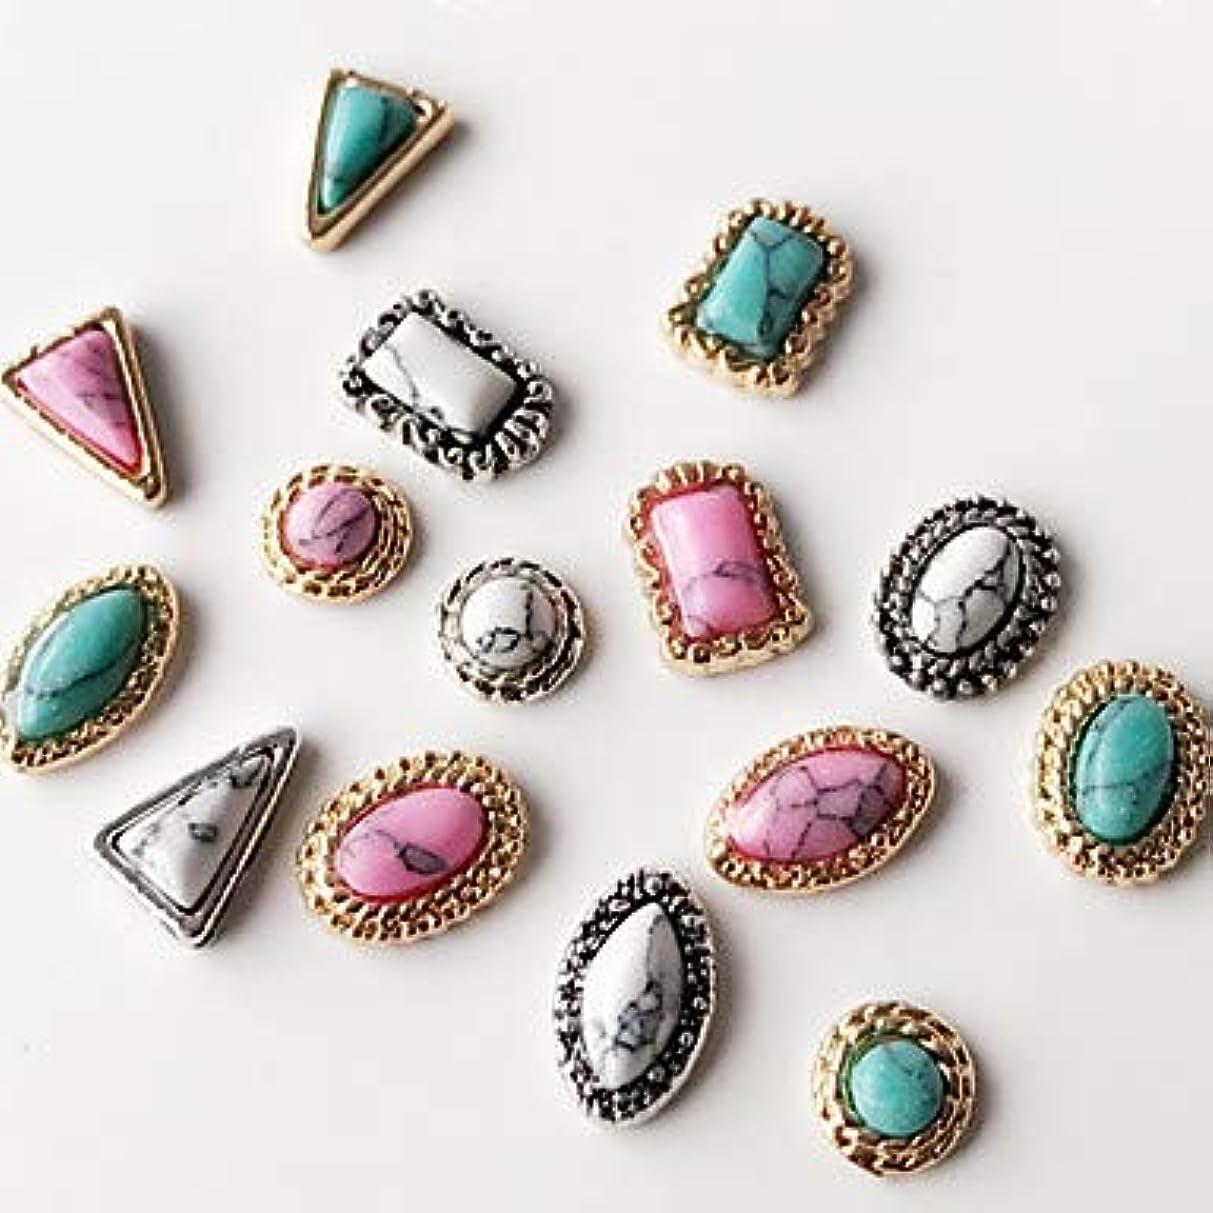 見せます本能10個混合スタイル混合色古代の宝石ネイルアートの装飾に戻ります